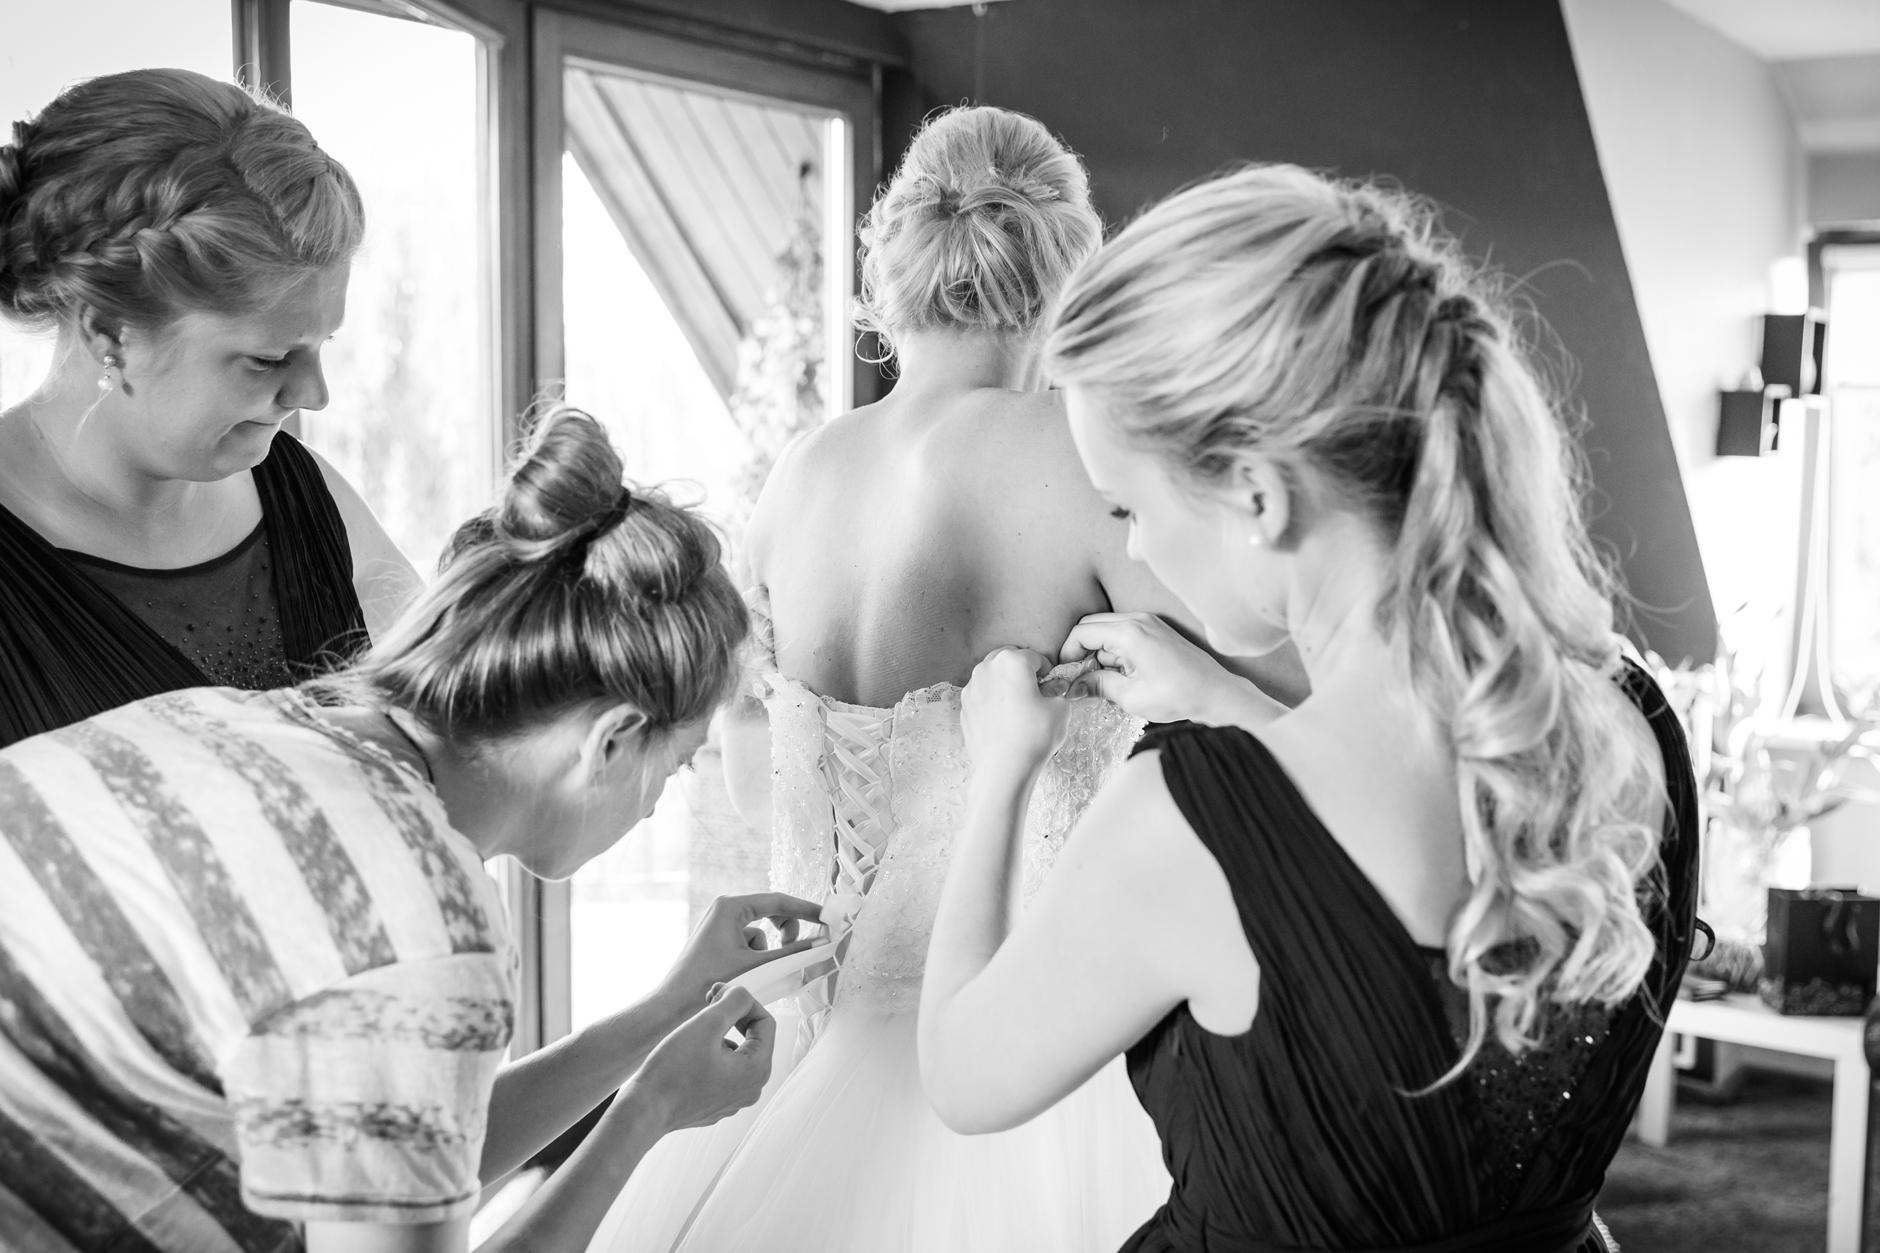 Das Hochzeitskleid sitzt